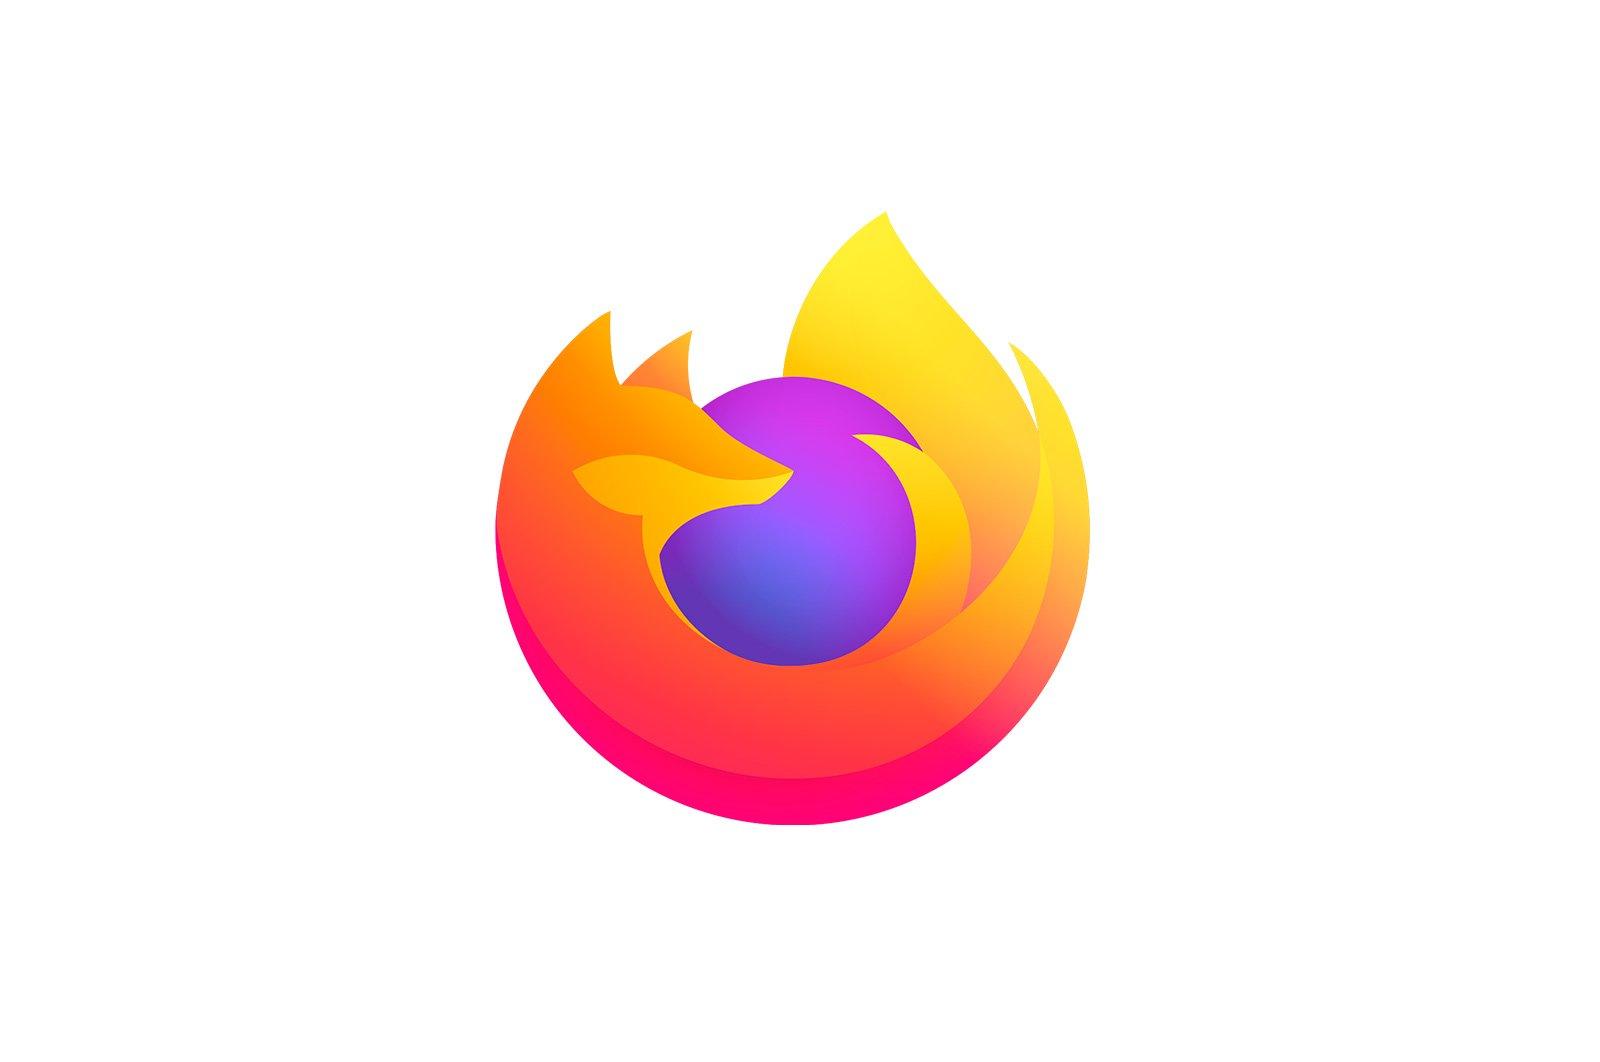 Mozilla Firefox'ta güvenli bağlantı kurarken oluşan hatayı ortadan kaldırma